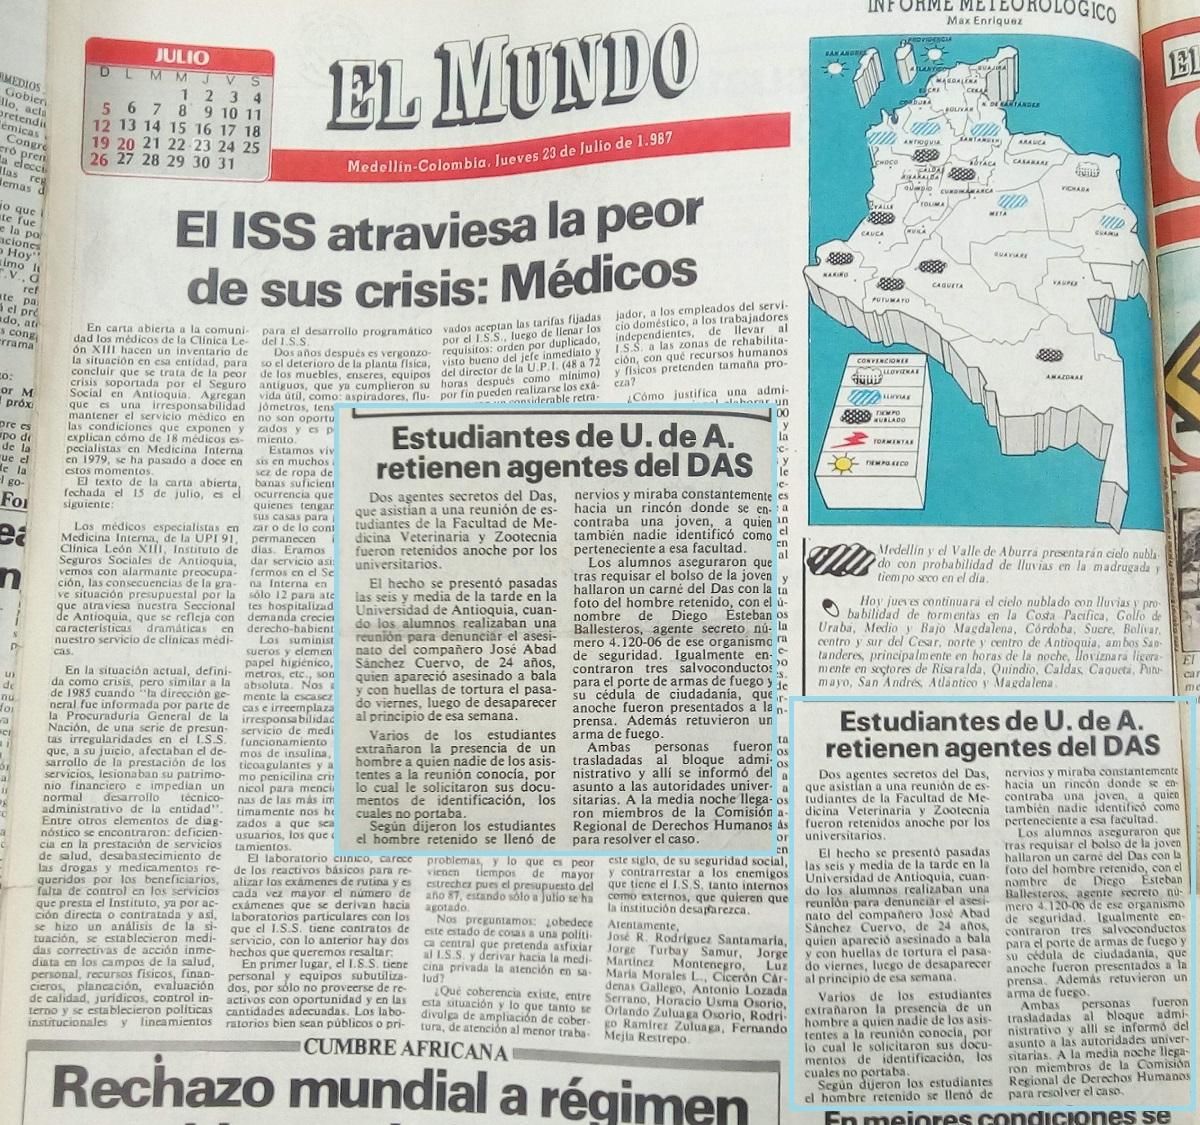 Fotografía tomada de la edición del 23 de julio de 1987 del periódico El Mundo